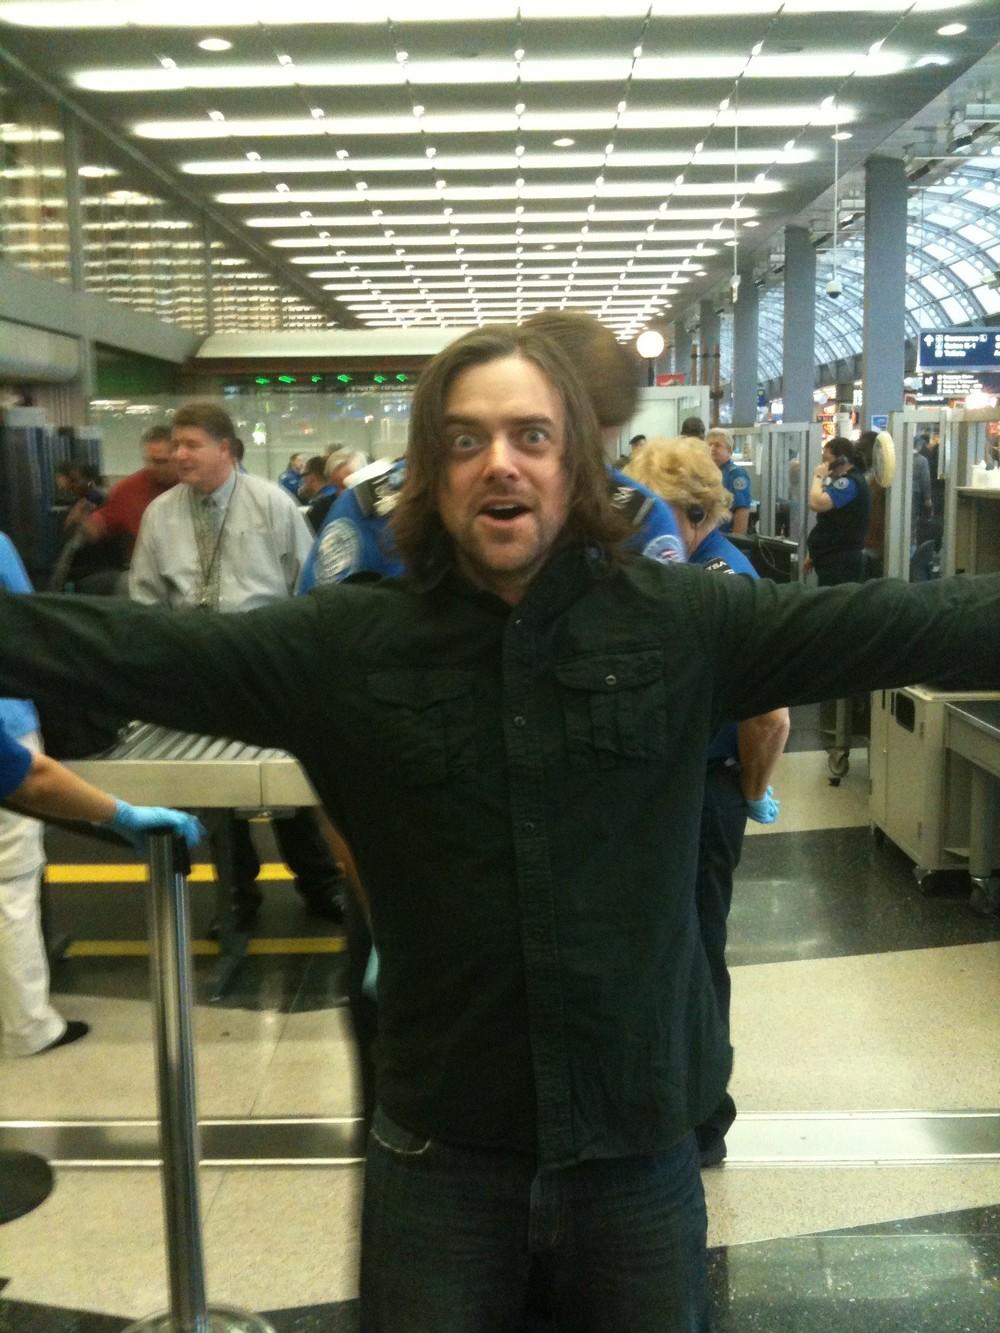 Chris-TSA